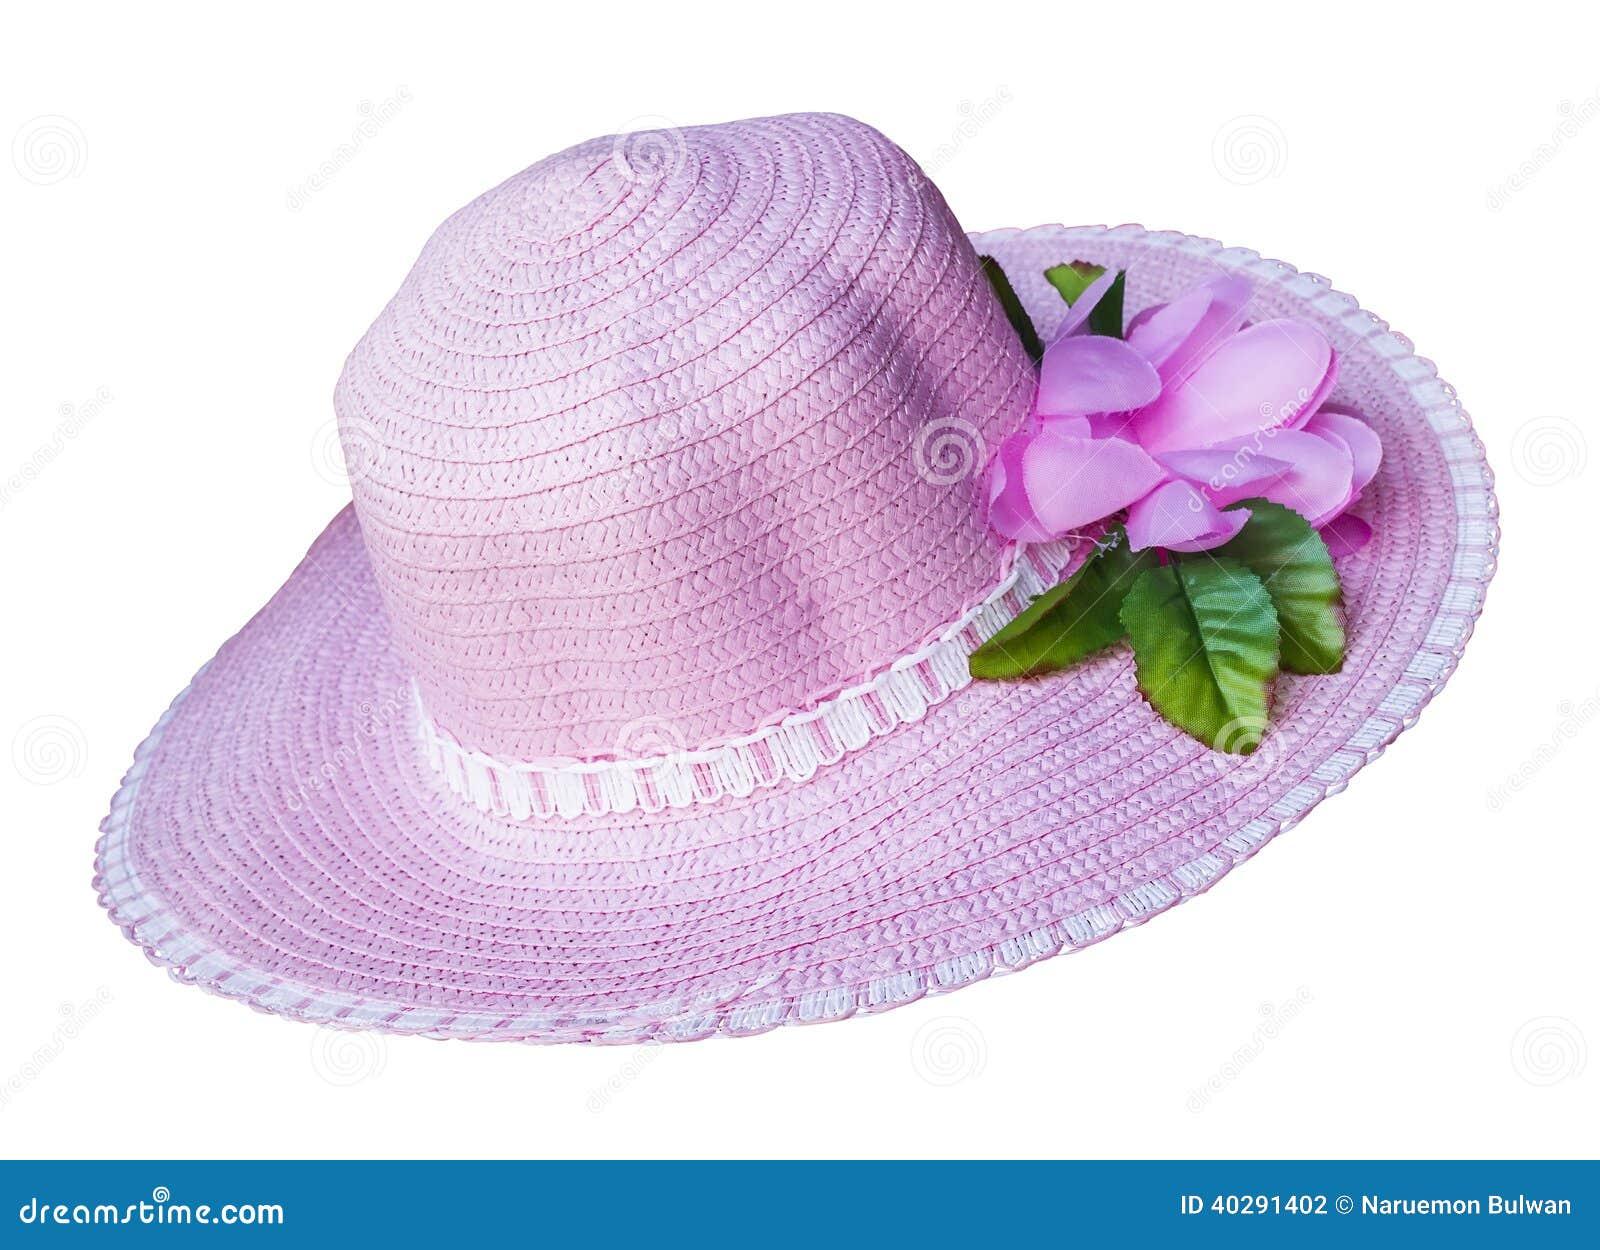 Свет - розовая изолированная шляпа моды